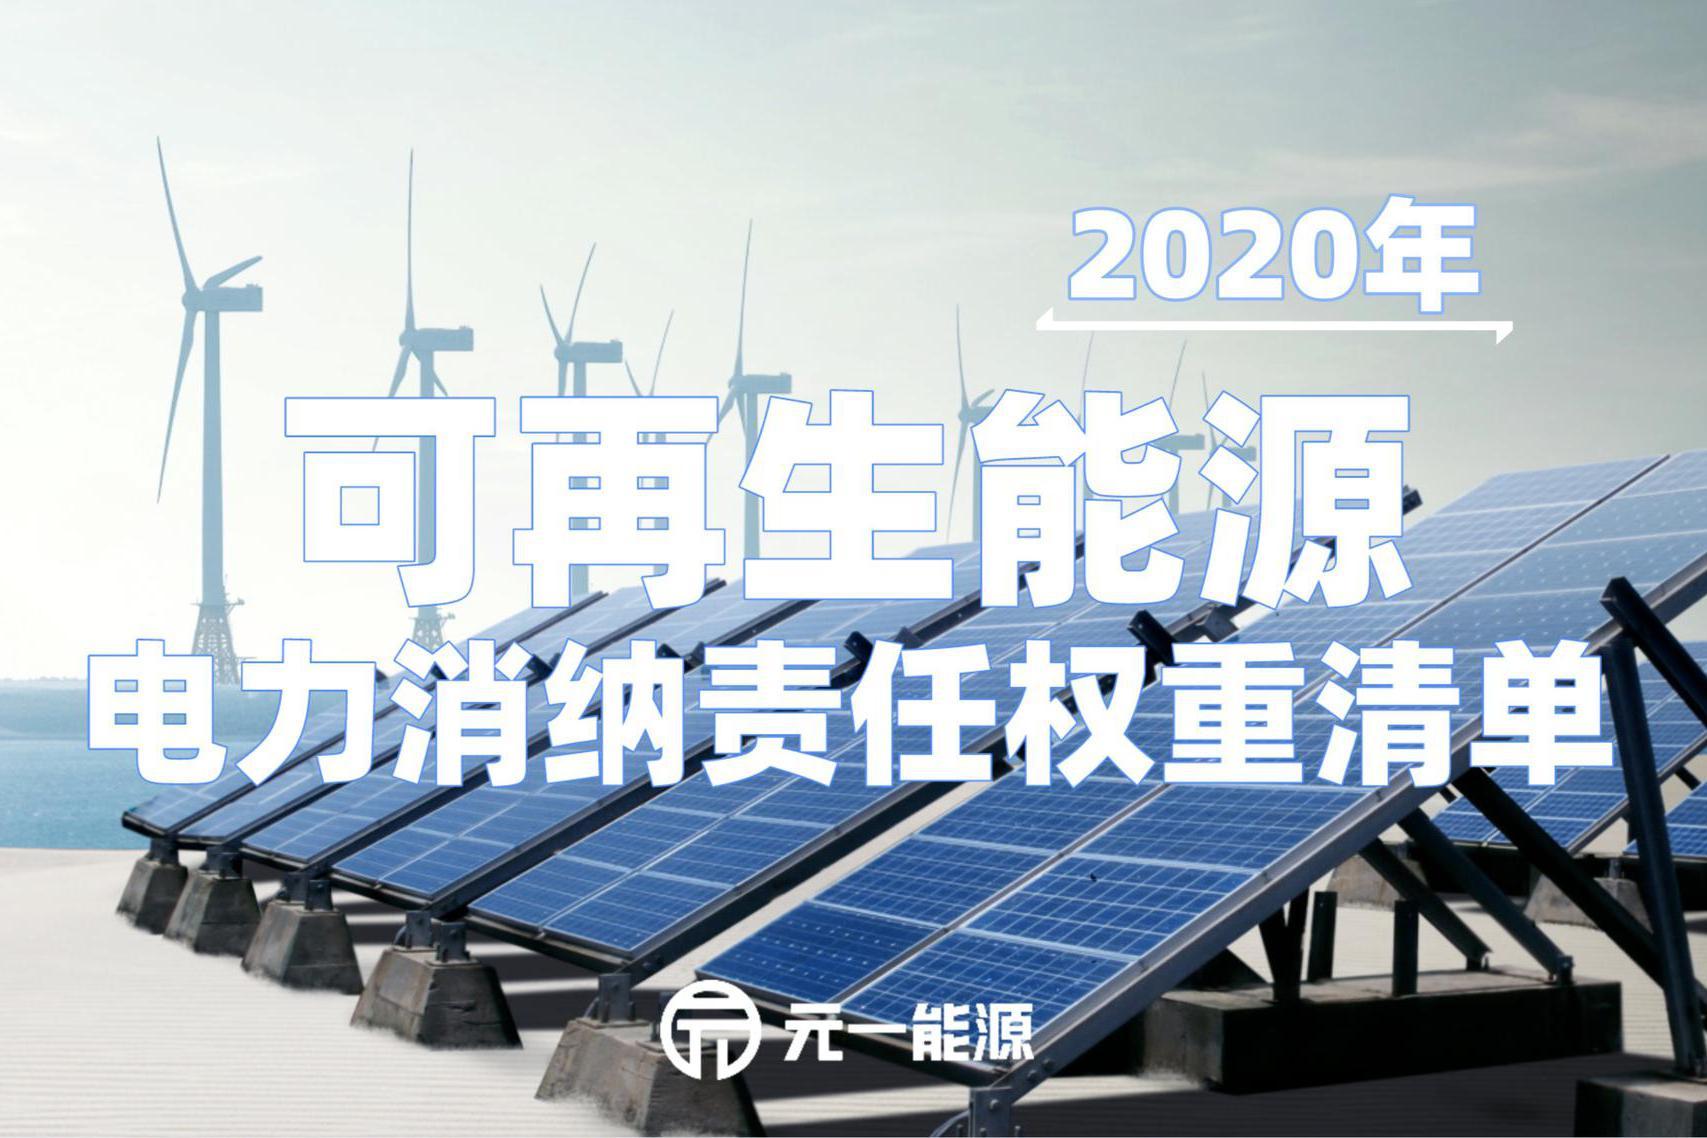 重磅!2020年各省可再生能源电力消纳责任权重清单公布